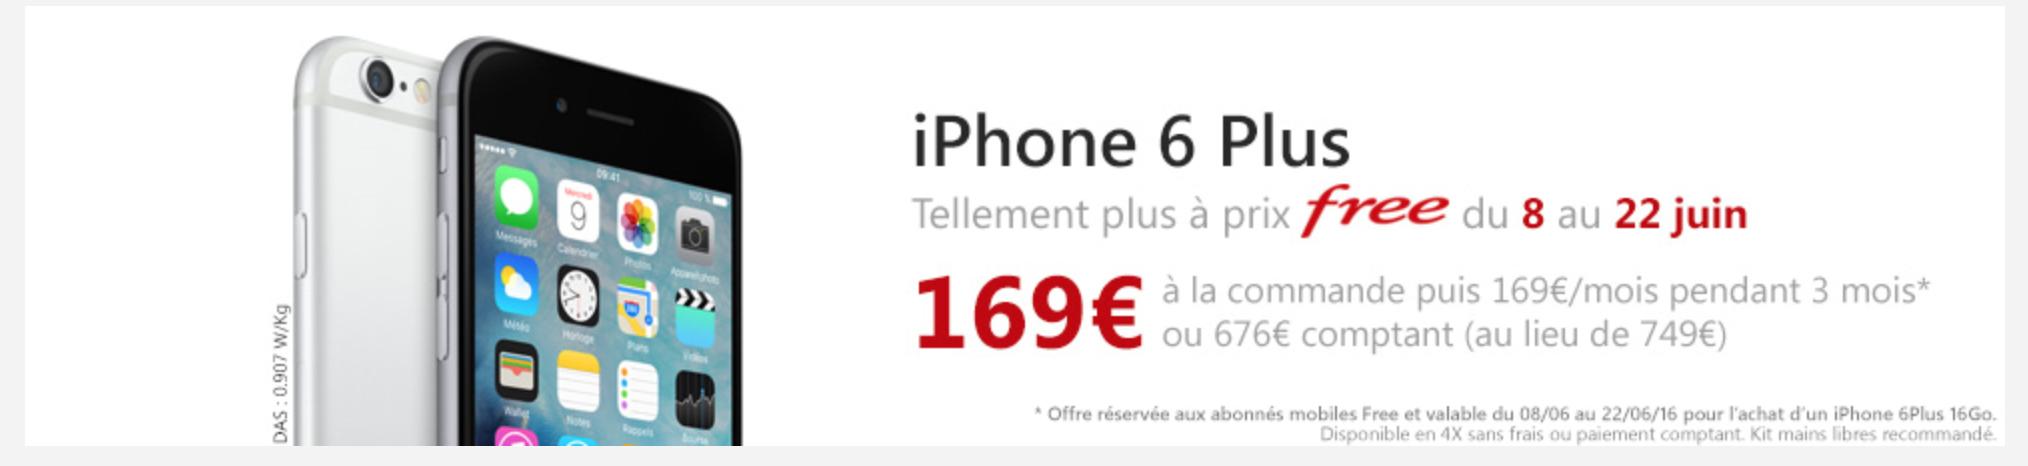 free mobile propose une offre exceptionnelle sur l iphone 6 plus. Black Bedroom Furniture Sets. Home Design Ideas